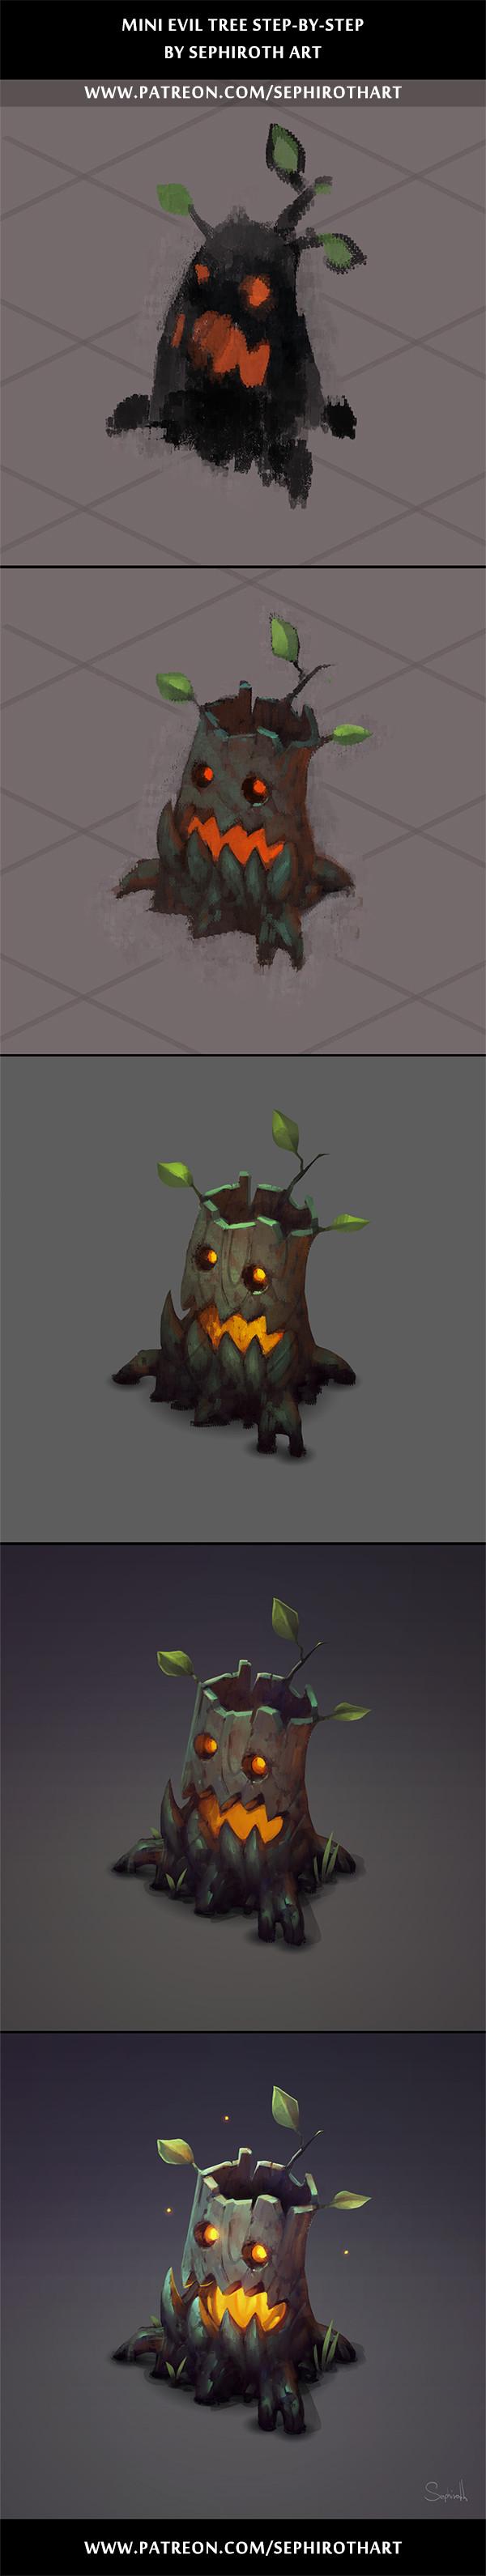 Sephiroth art mini evil tree stepbystep list